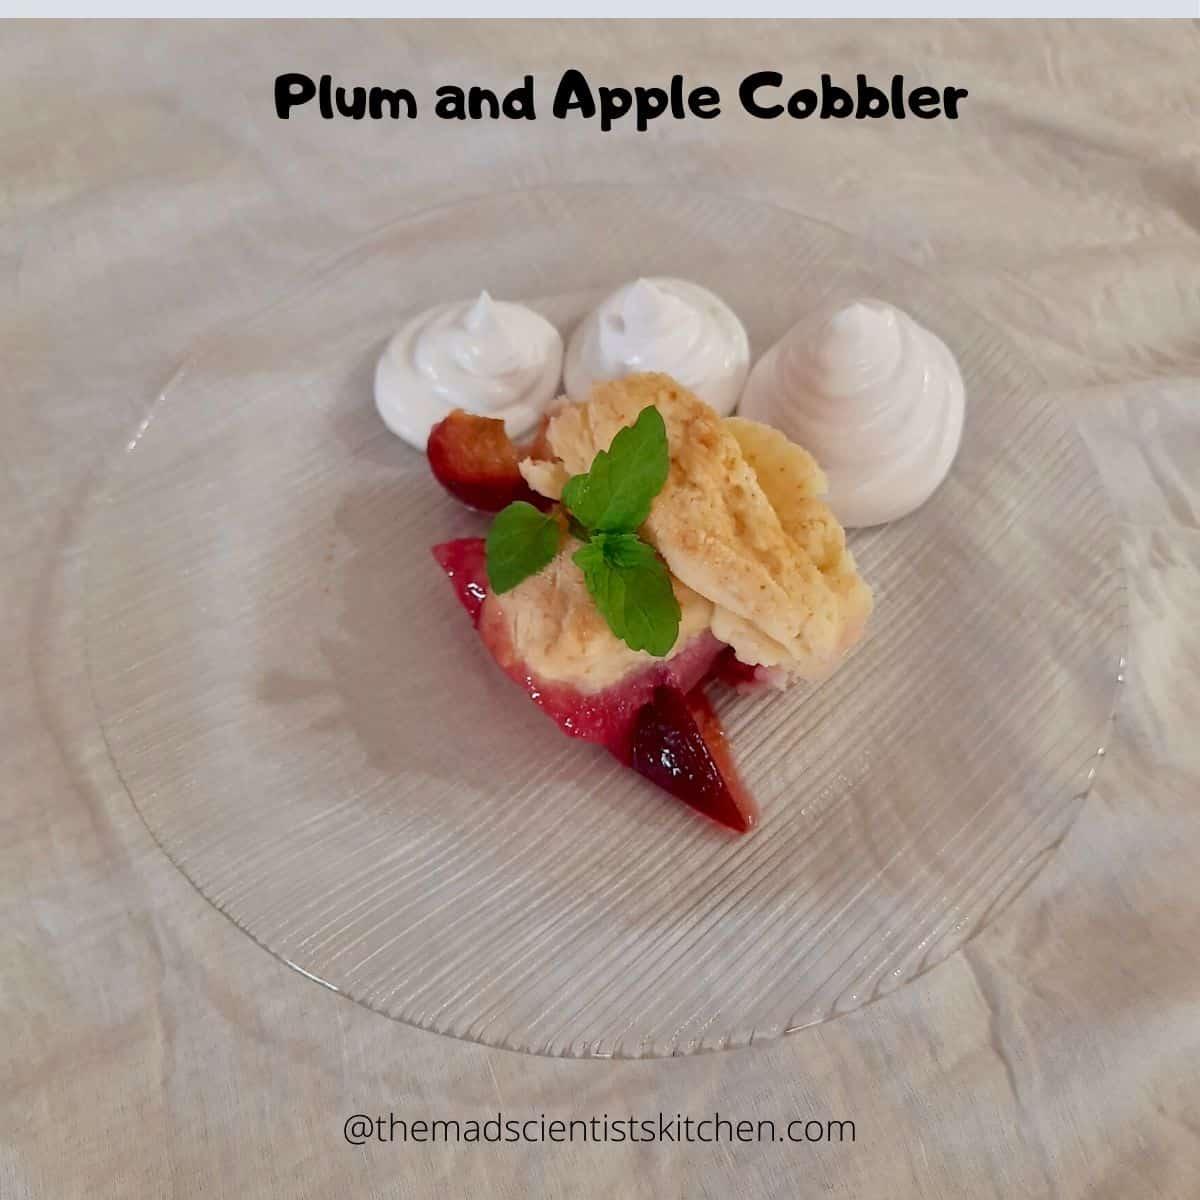 A serving Plum and Apple Cobbler as dessert after dinner.